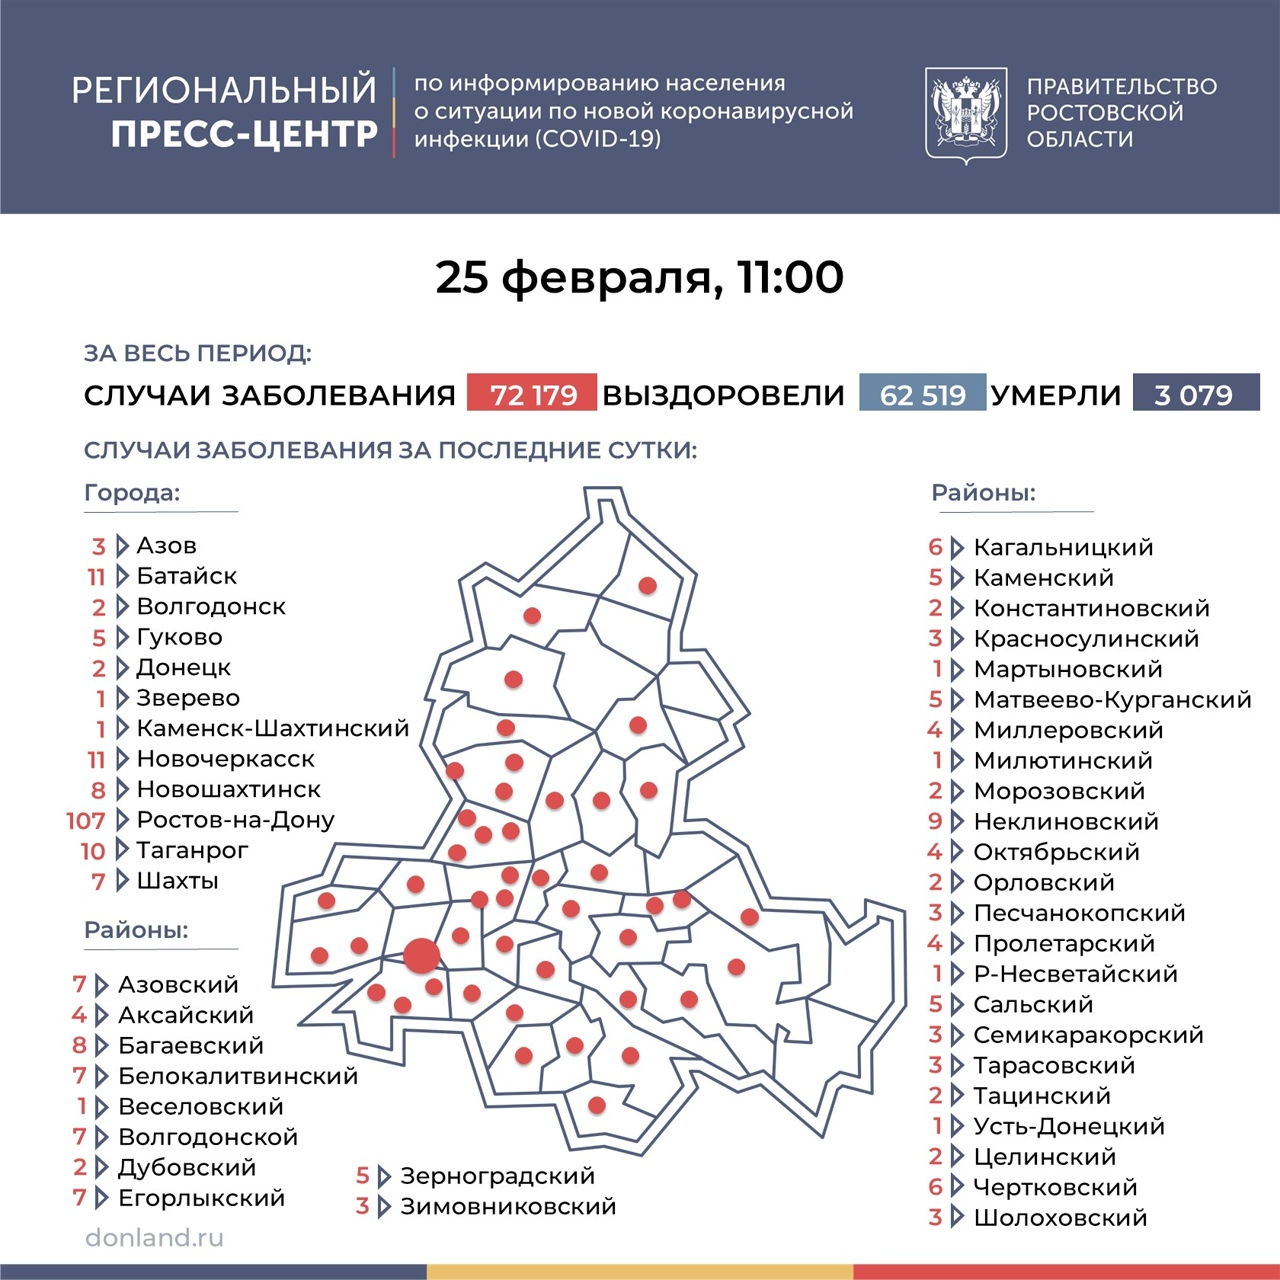 В Ростовской области за сутки коронавирусом инфицировано меньше 300 человек, в Таганроге 10 случаев